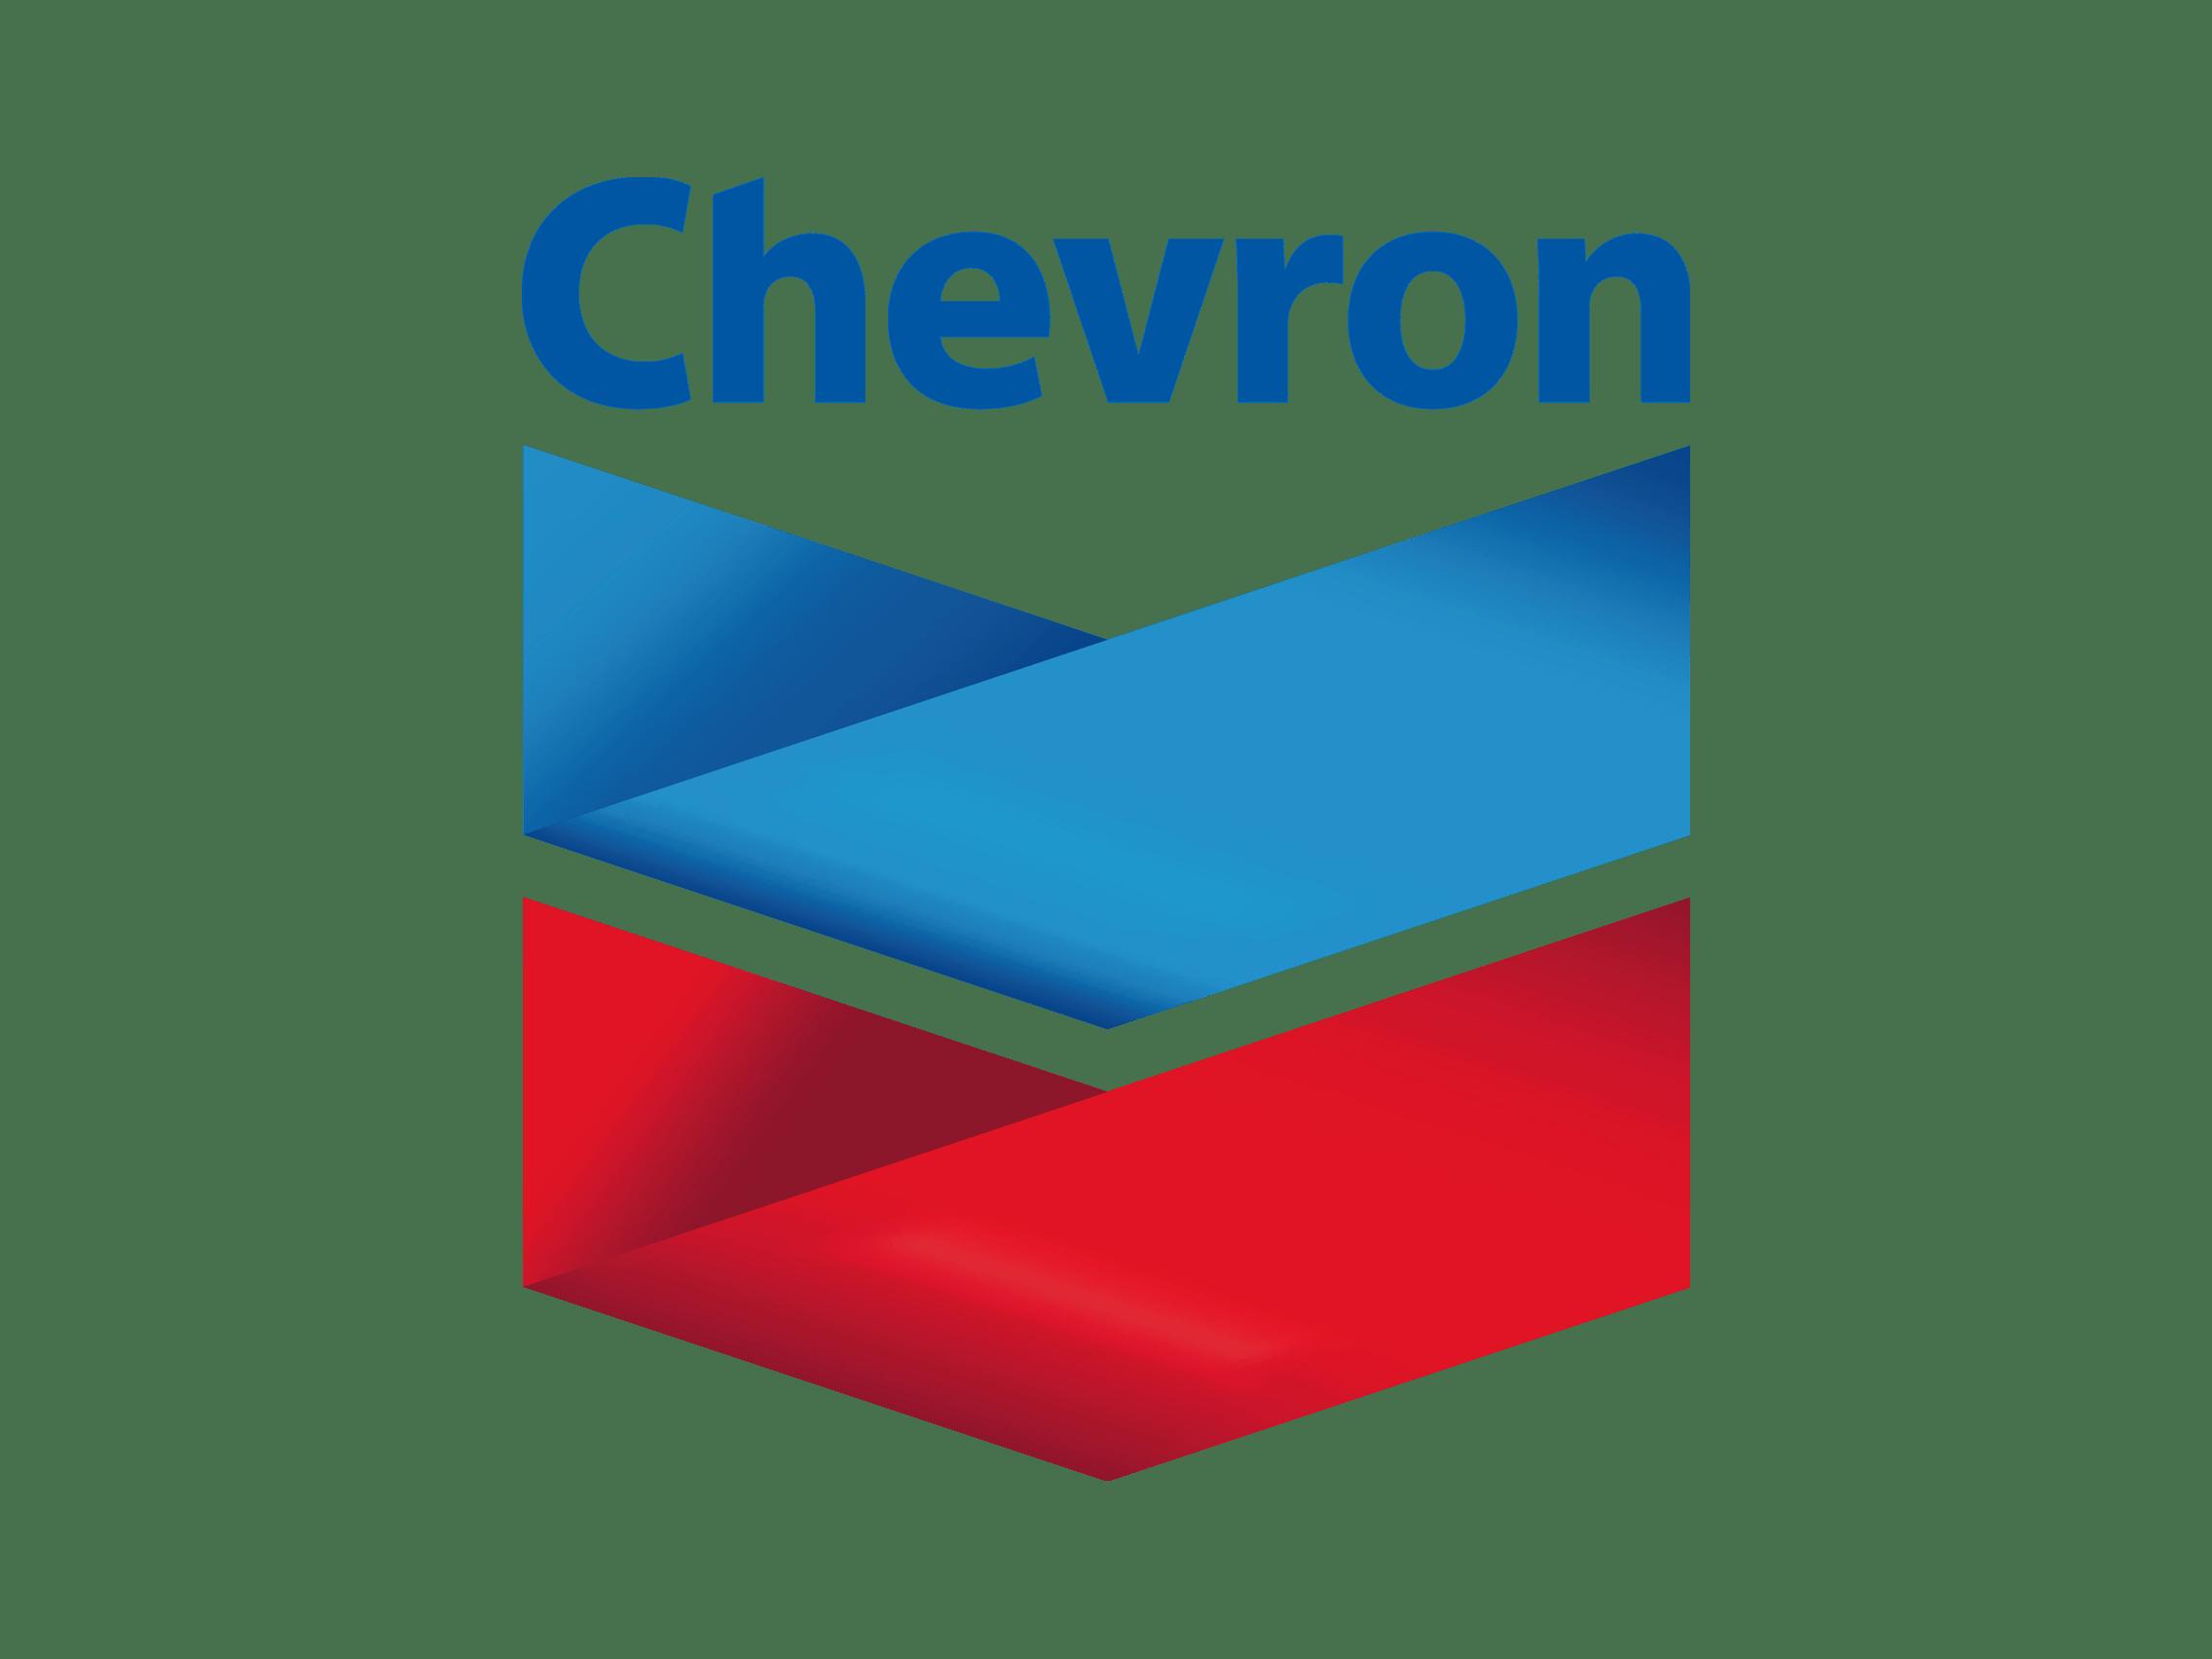 Chevron Nigeria